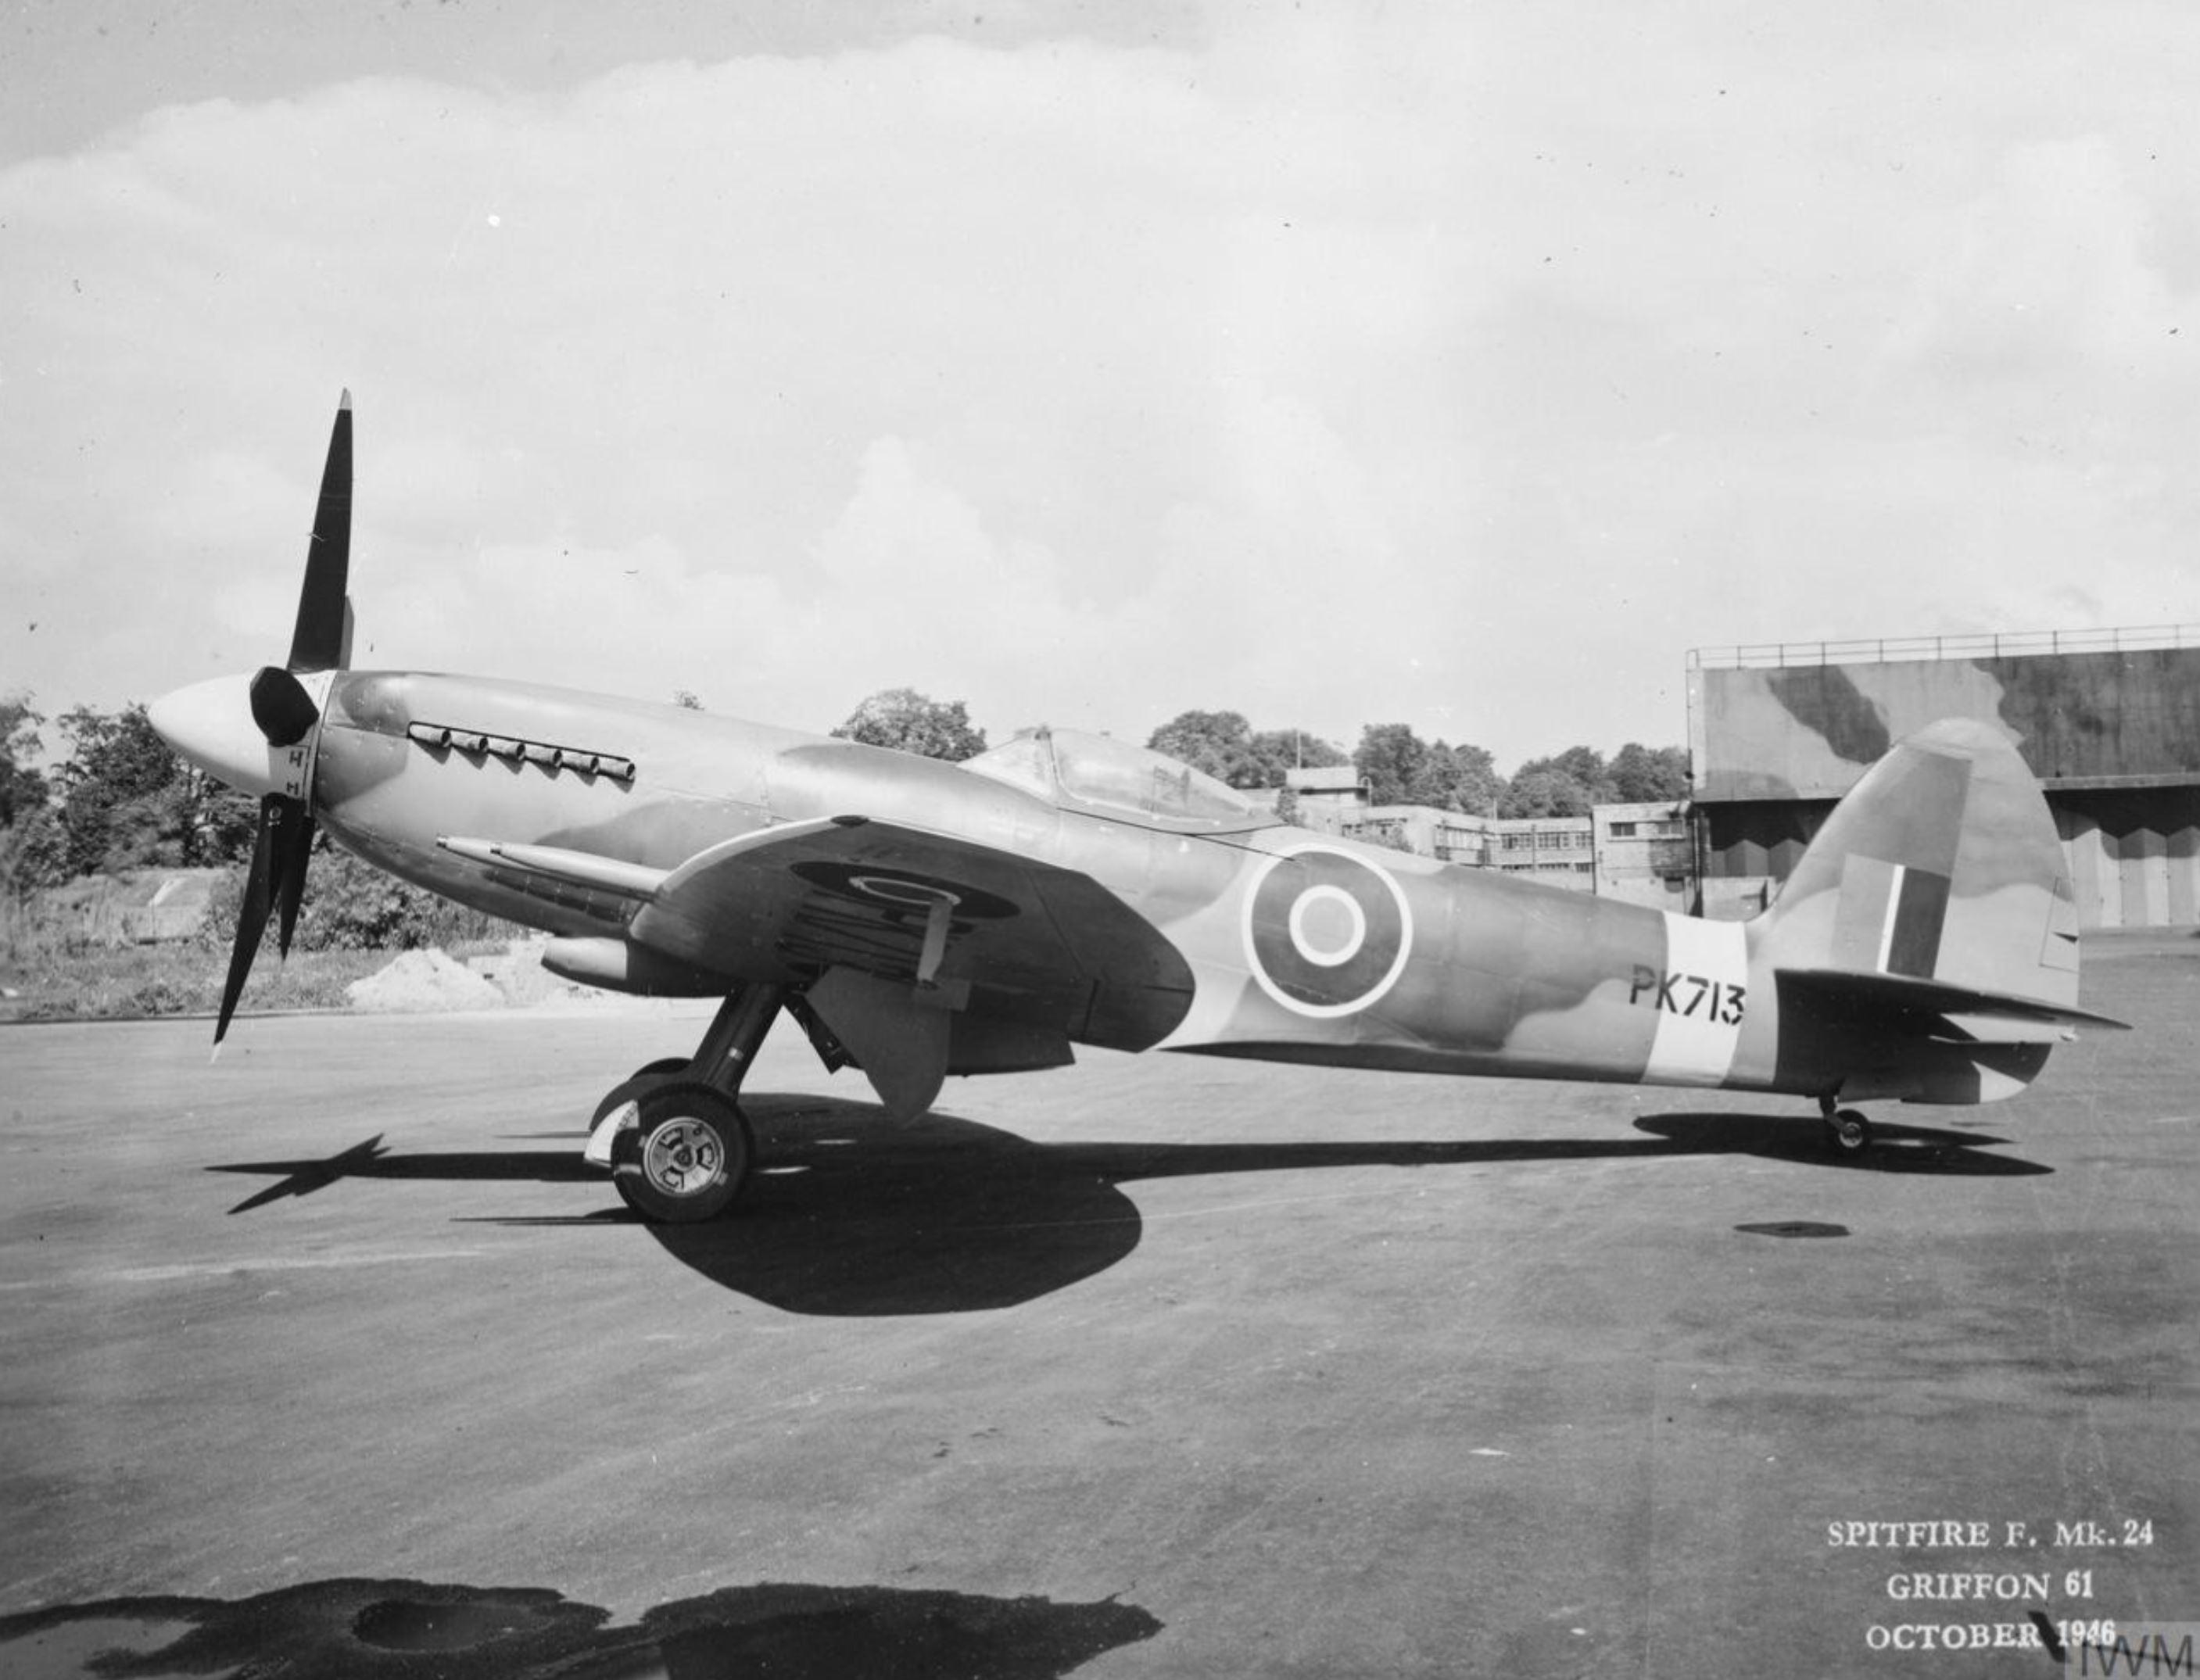 Spitfire F24 PK713 factory fresh Oct 1946 IWM MH5285